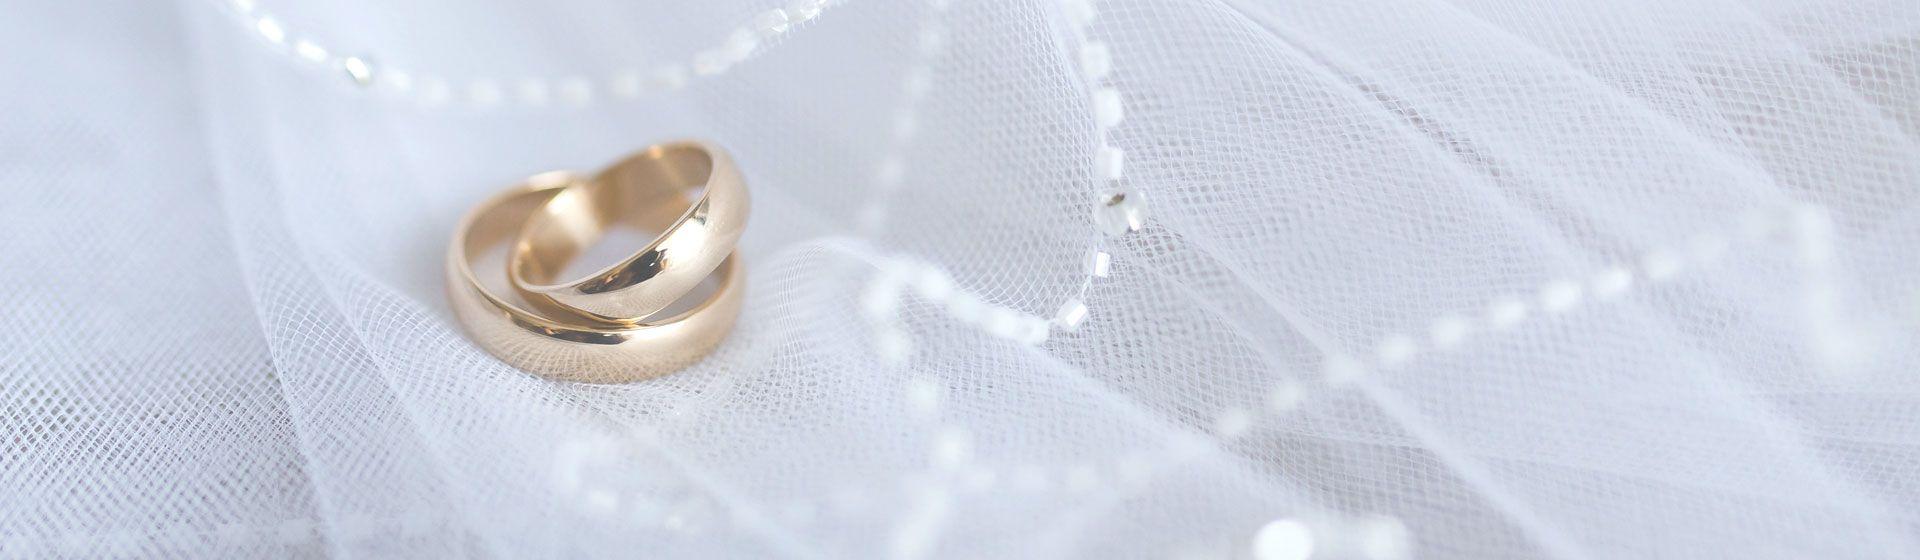 Rechtsfolgen einer Verlobung